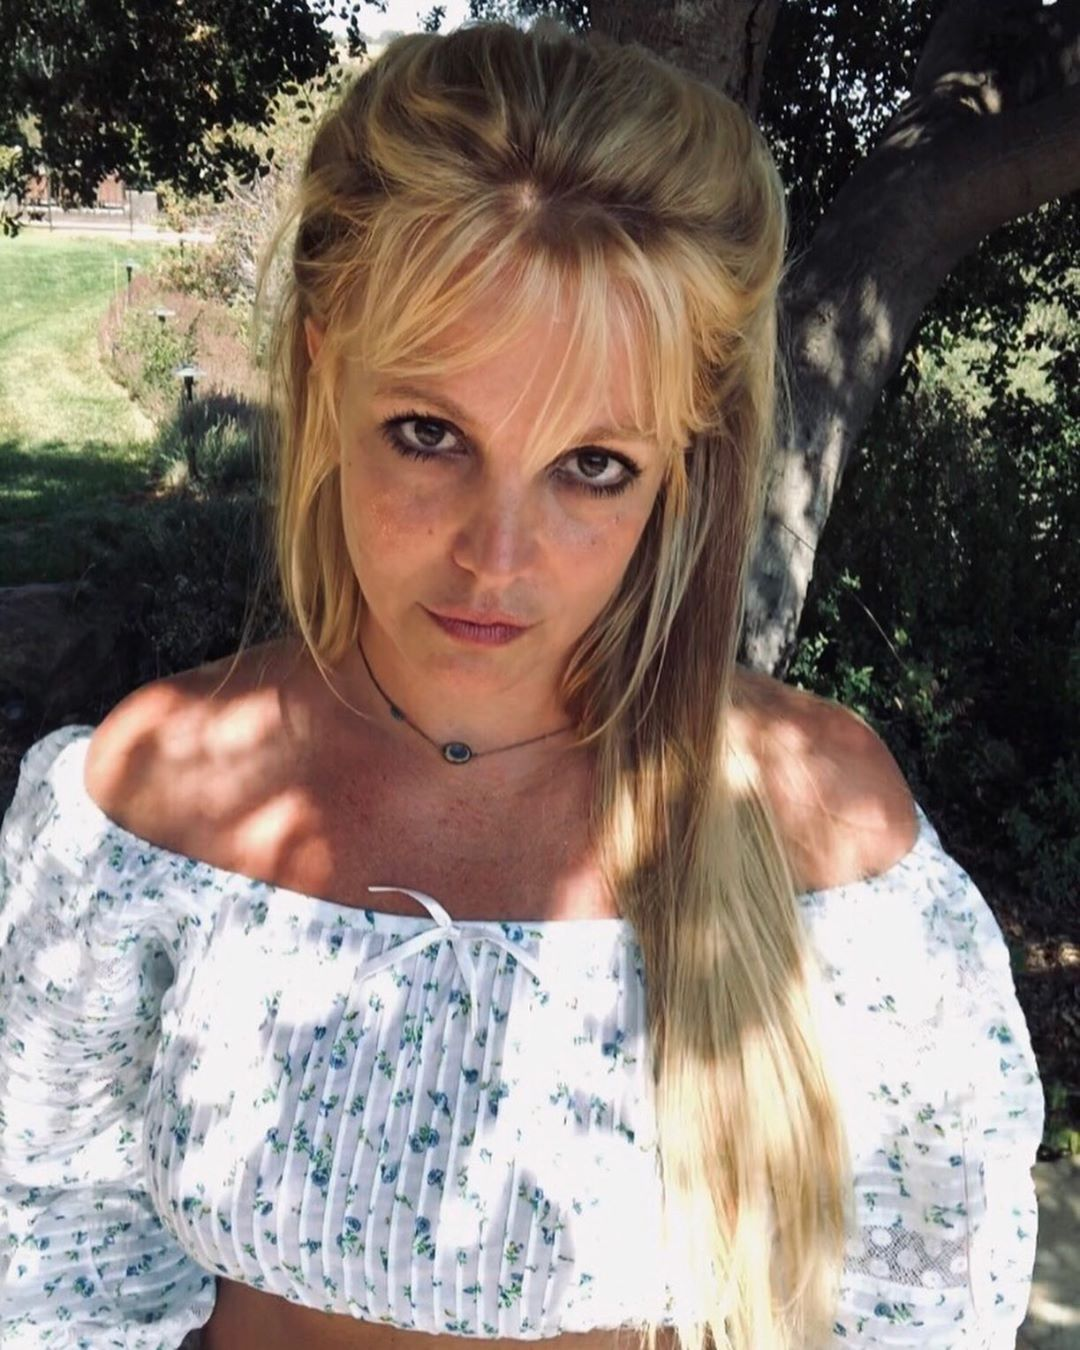 Никаких фильтров: 38-летняя Бритни Спирс очаровала натуральной красотой